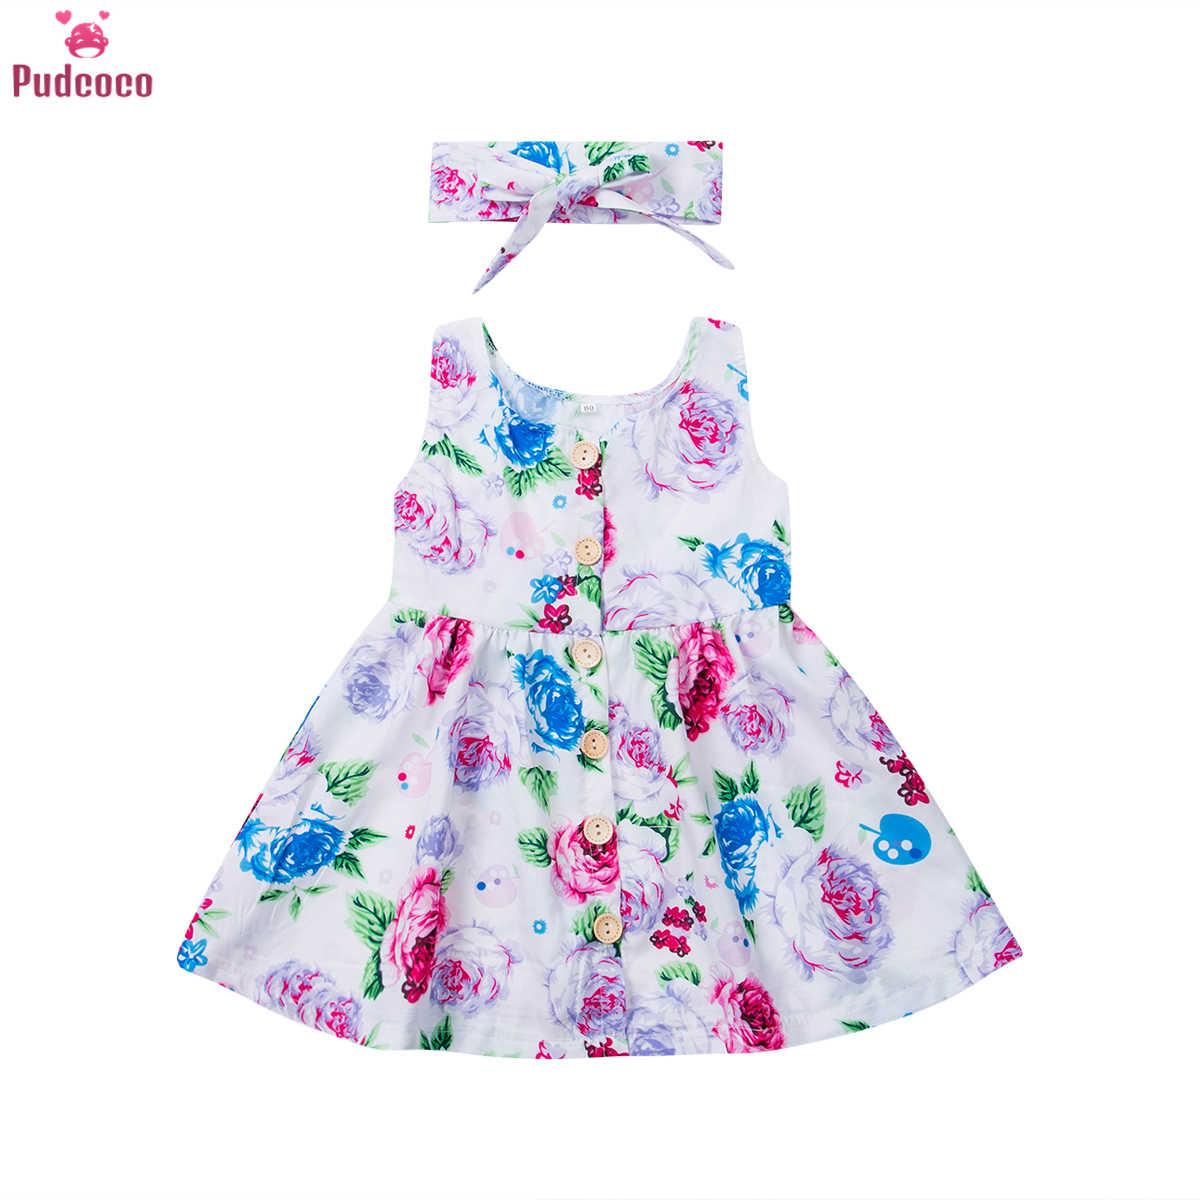 6 M-3 T เด็กวัยหัดเดินเด็กทารกสาวดอกไม้ชุด Match Headband ฤดูร้อนปุ่ม Sundress เด็กทารกเจ้าหญิง Sundress